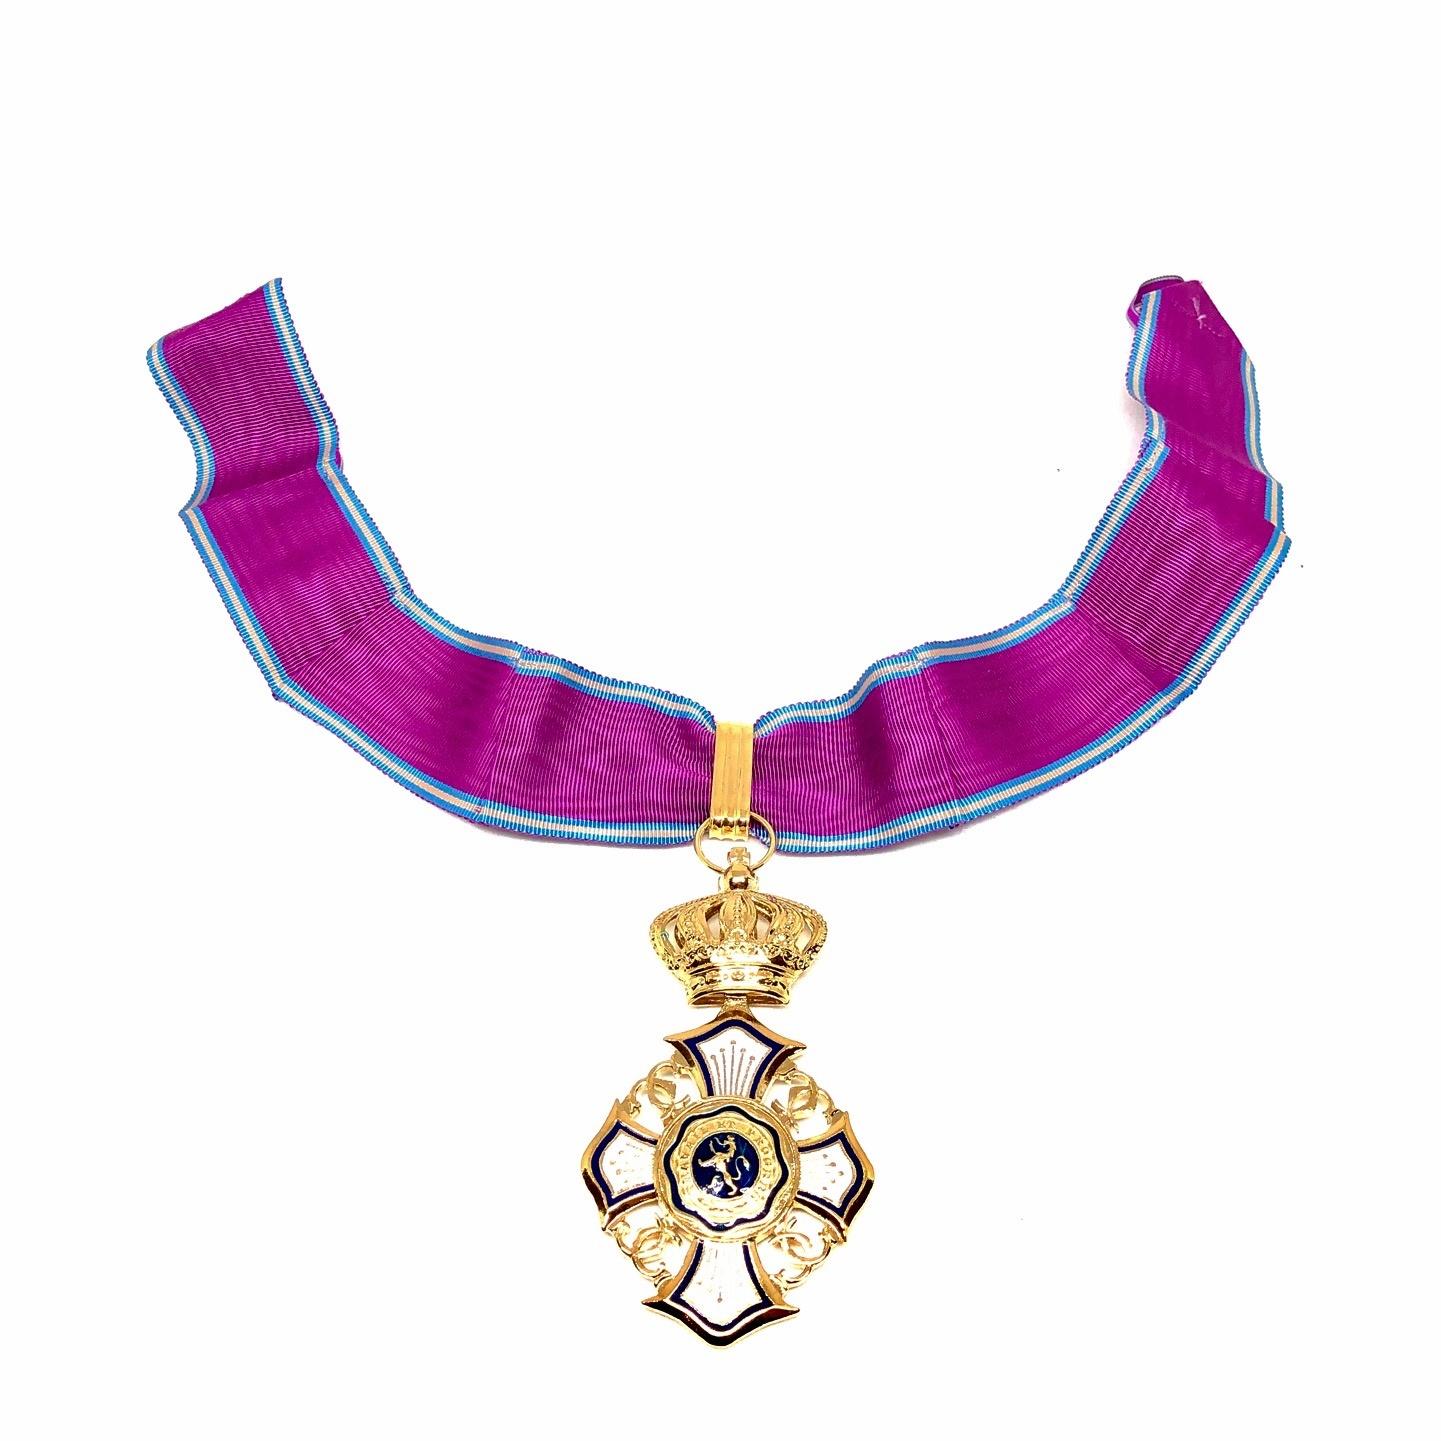 Commandeur de l'Ordre Royal du Lion